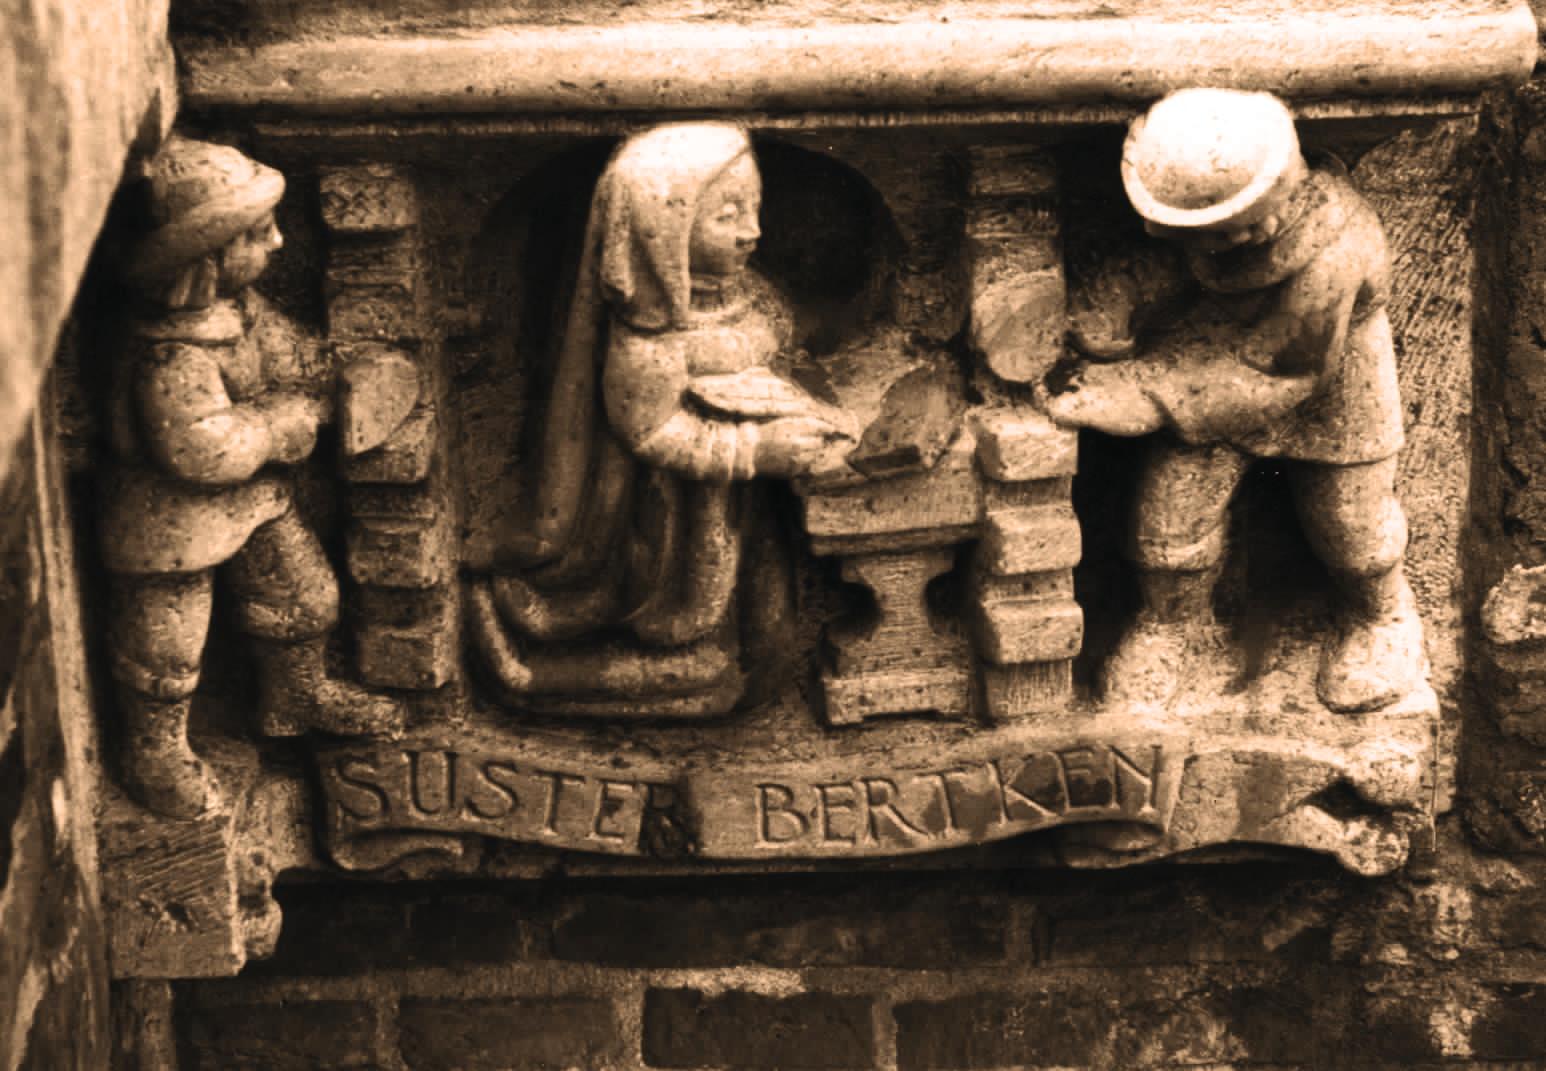 17. Suster Bertken - City of Literature